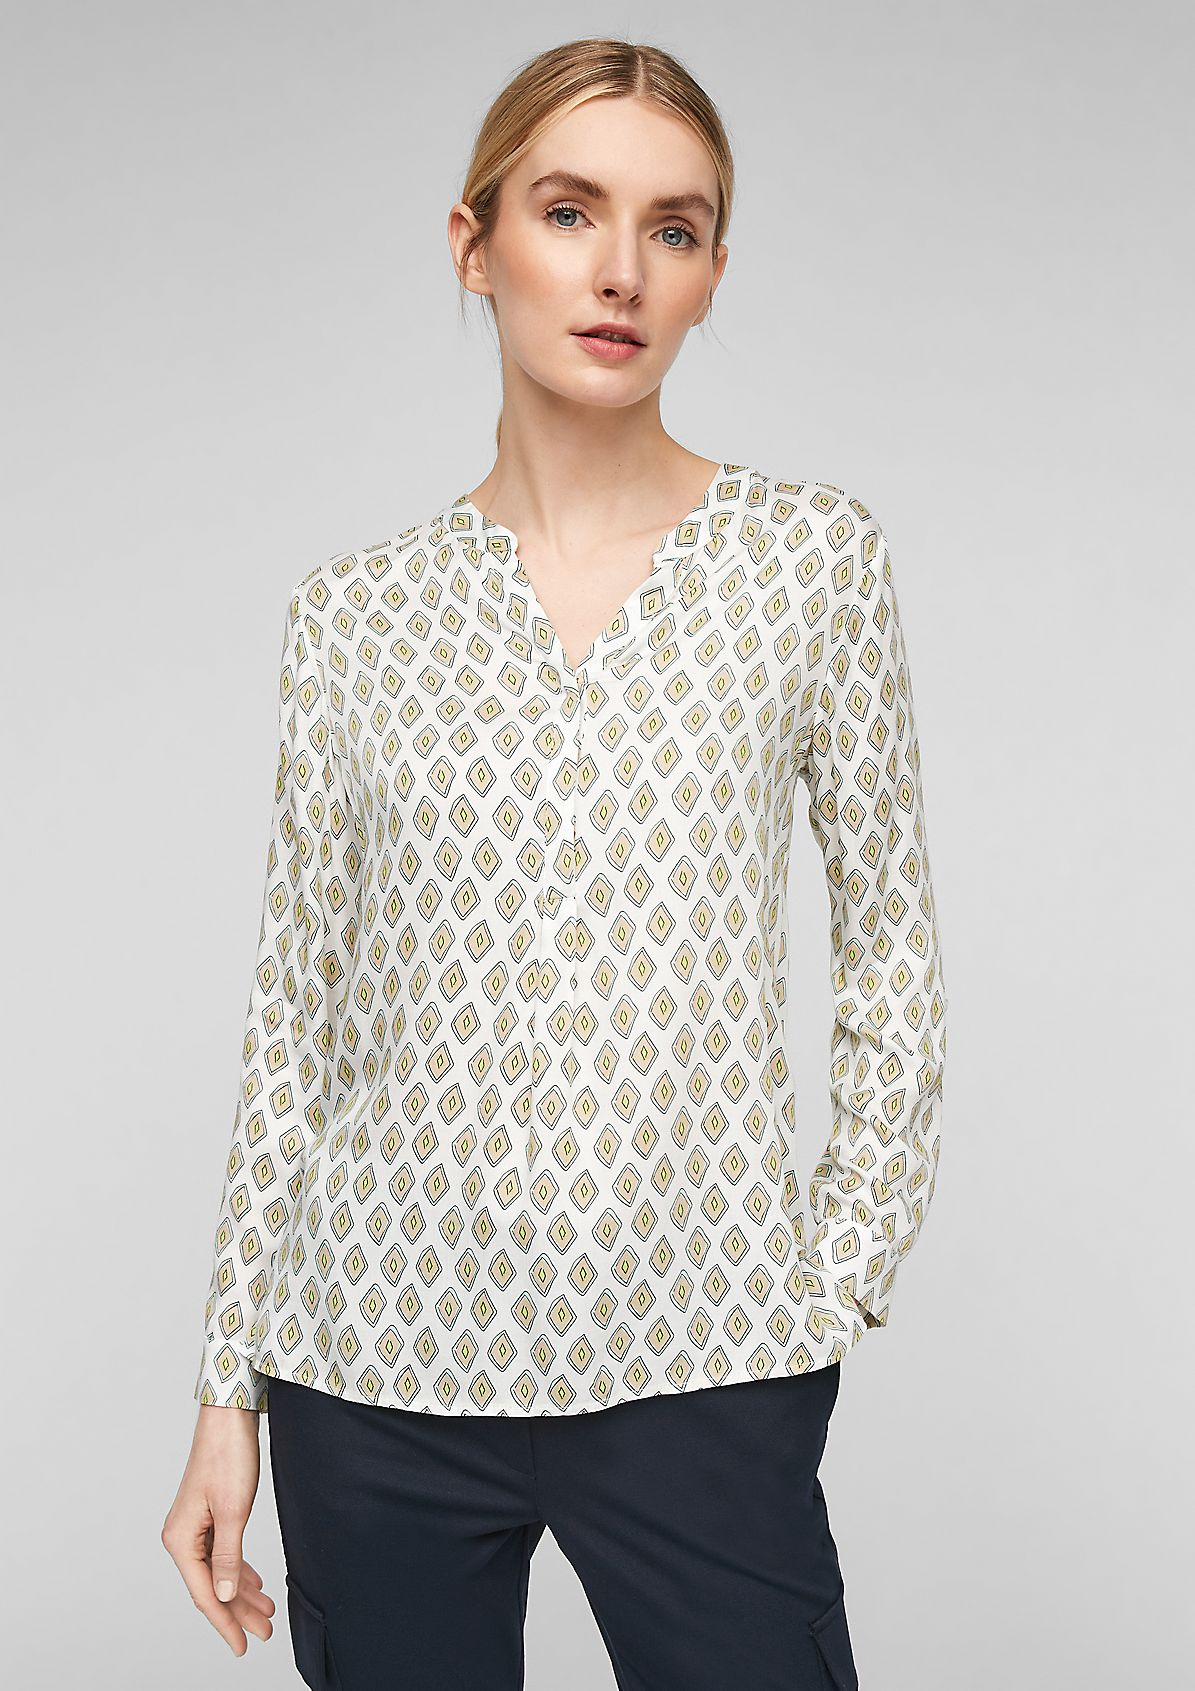 Bedruckte Bluse mit V-Ausschnitt